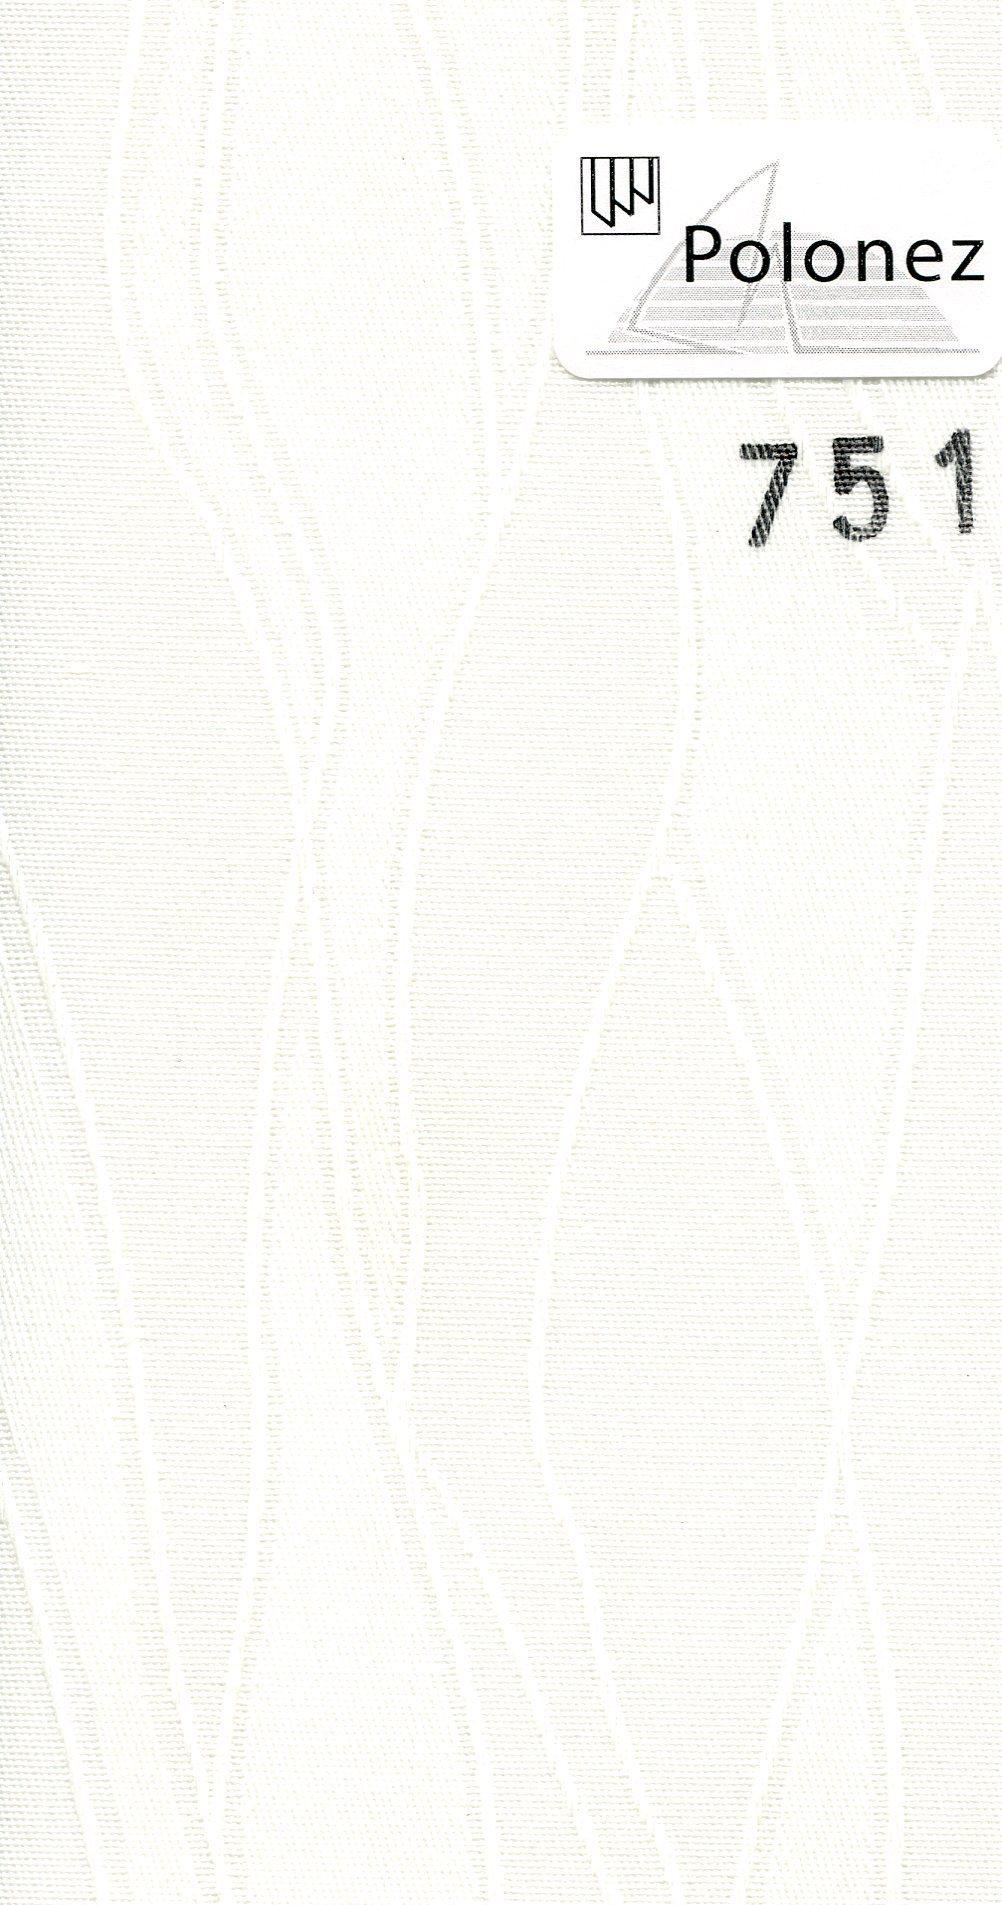 2 Polonez 751